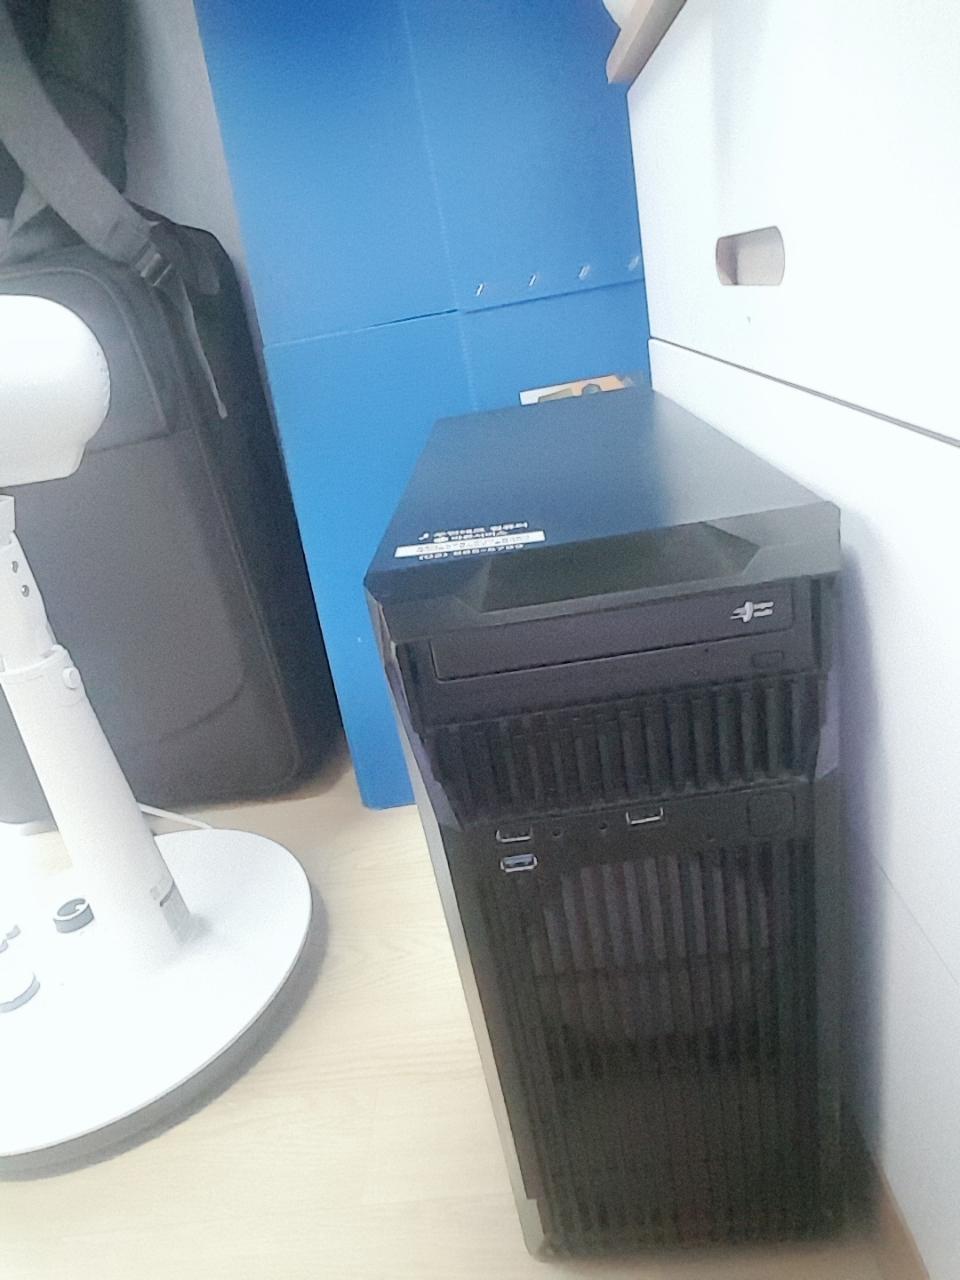 pc판매합니다. 중고pc 배그pc 롤 pc 로스트아크pc...개인용 네고많이가능한 컴퓨터